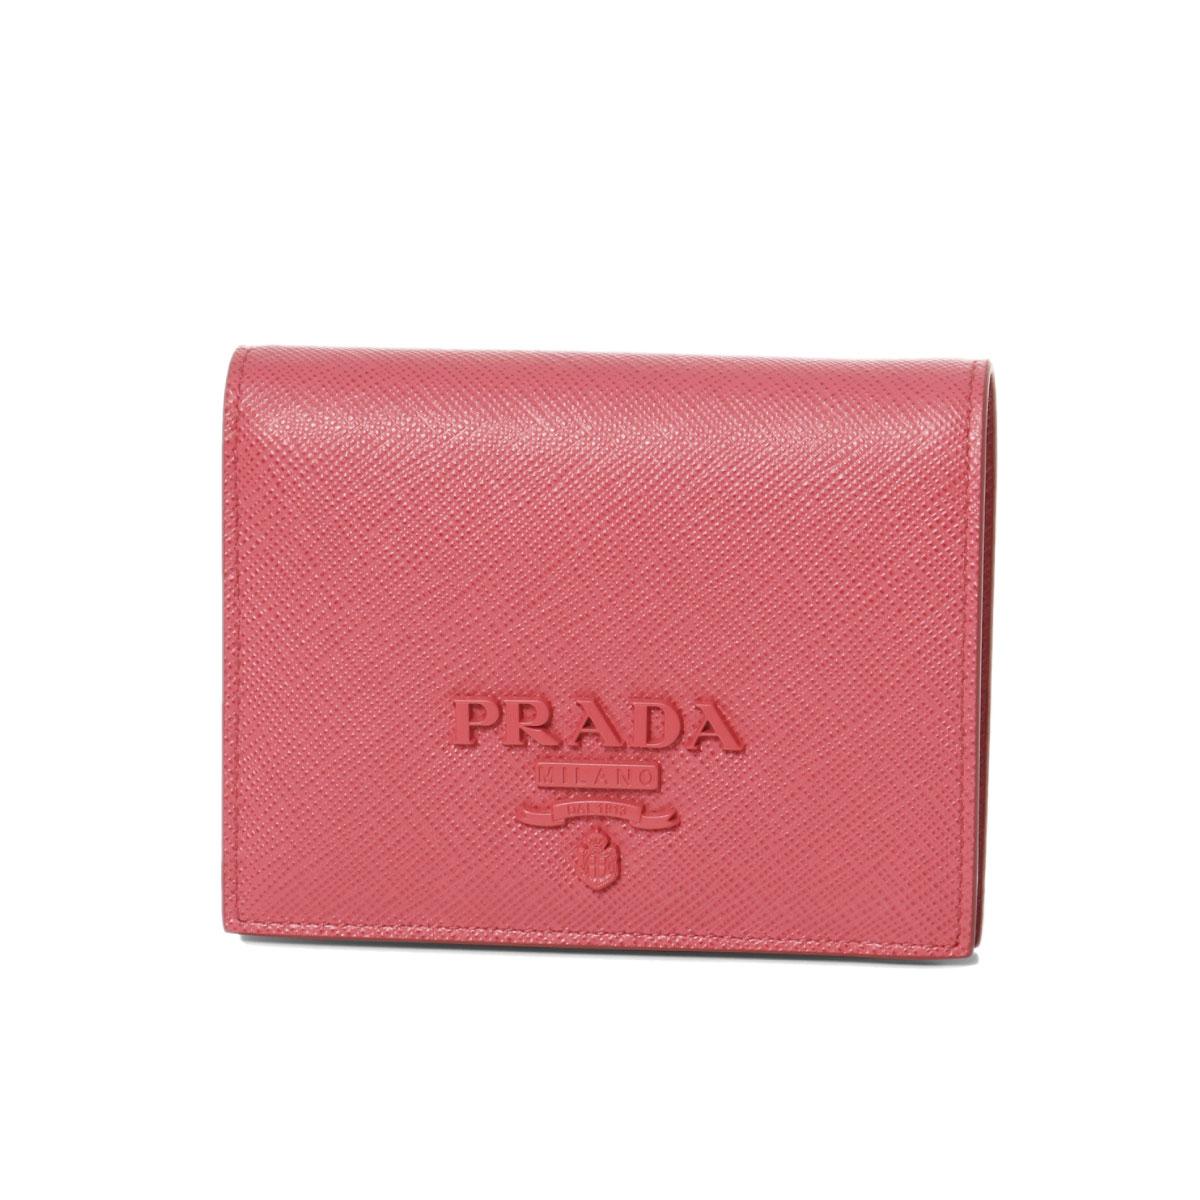 プラダ PRADA 財布 レディース 1MV204 2EBW F0505 二つ折り財布 SAFFIANO SHINE PEONIA ペオニア